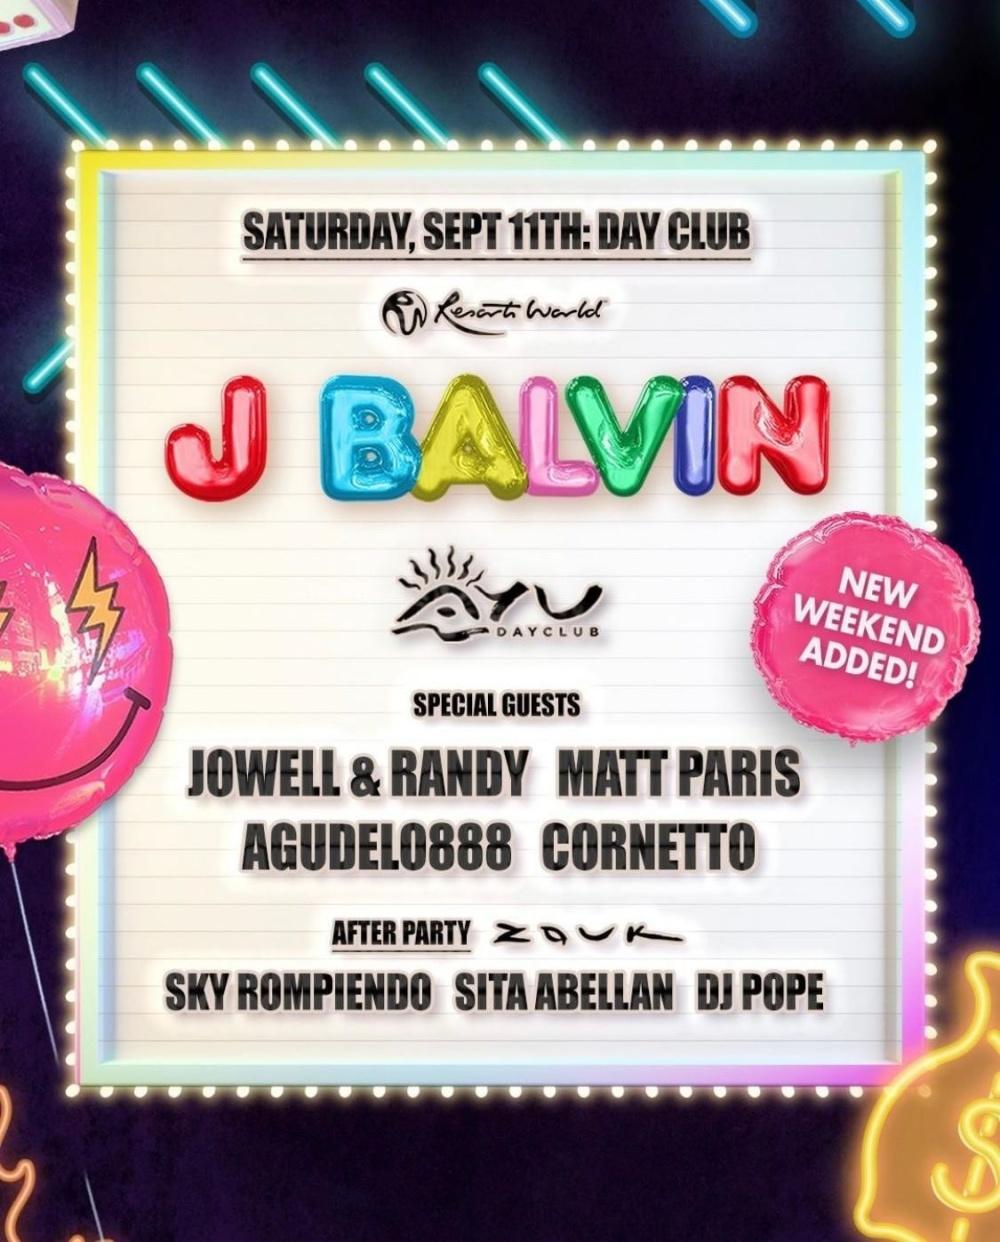 J Balvin at Ayu Dayclub thumbnail